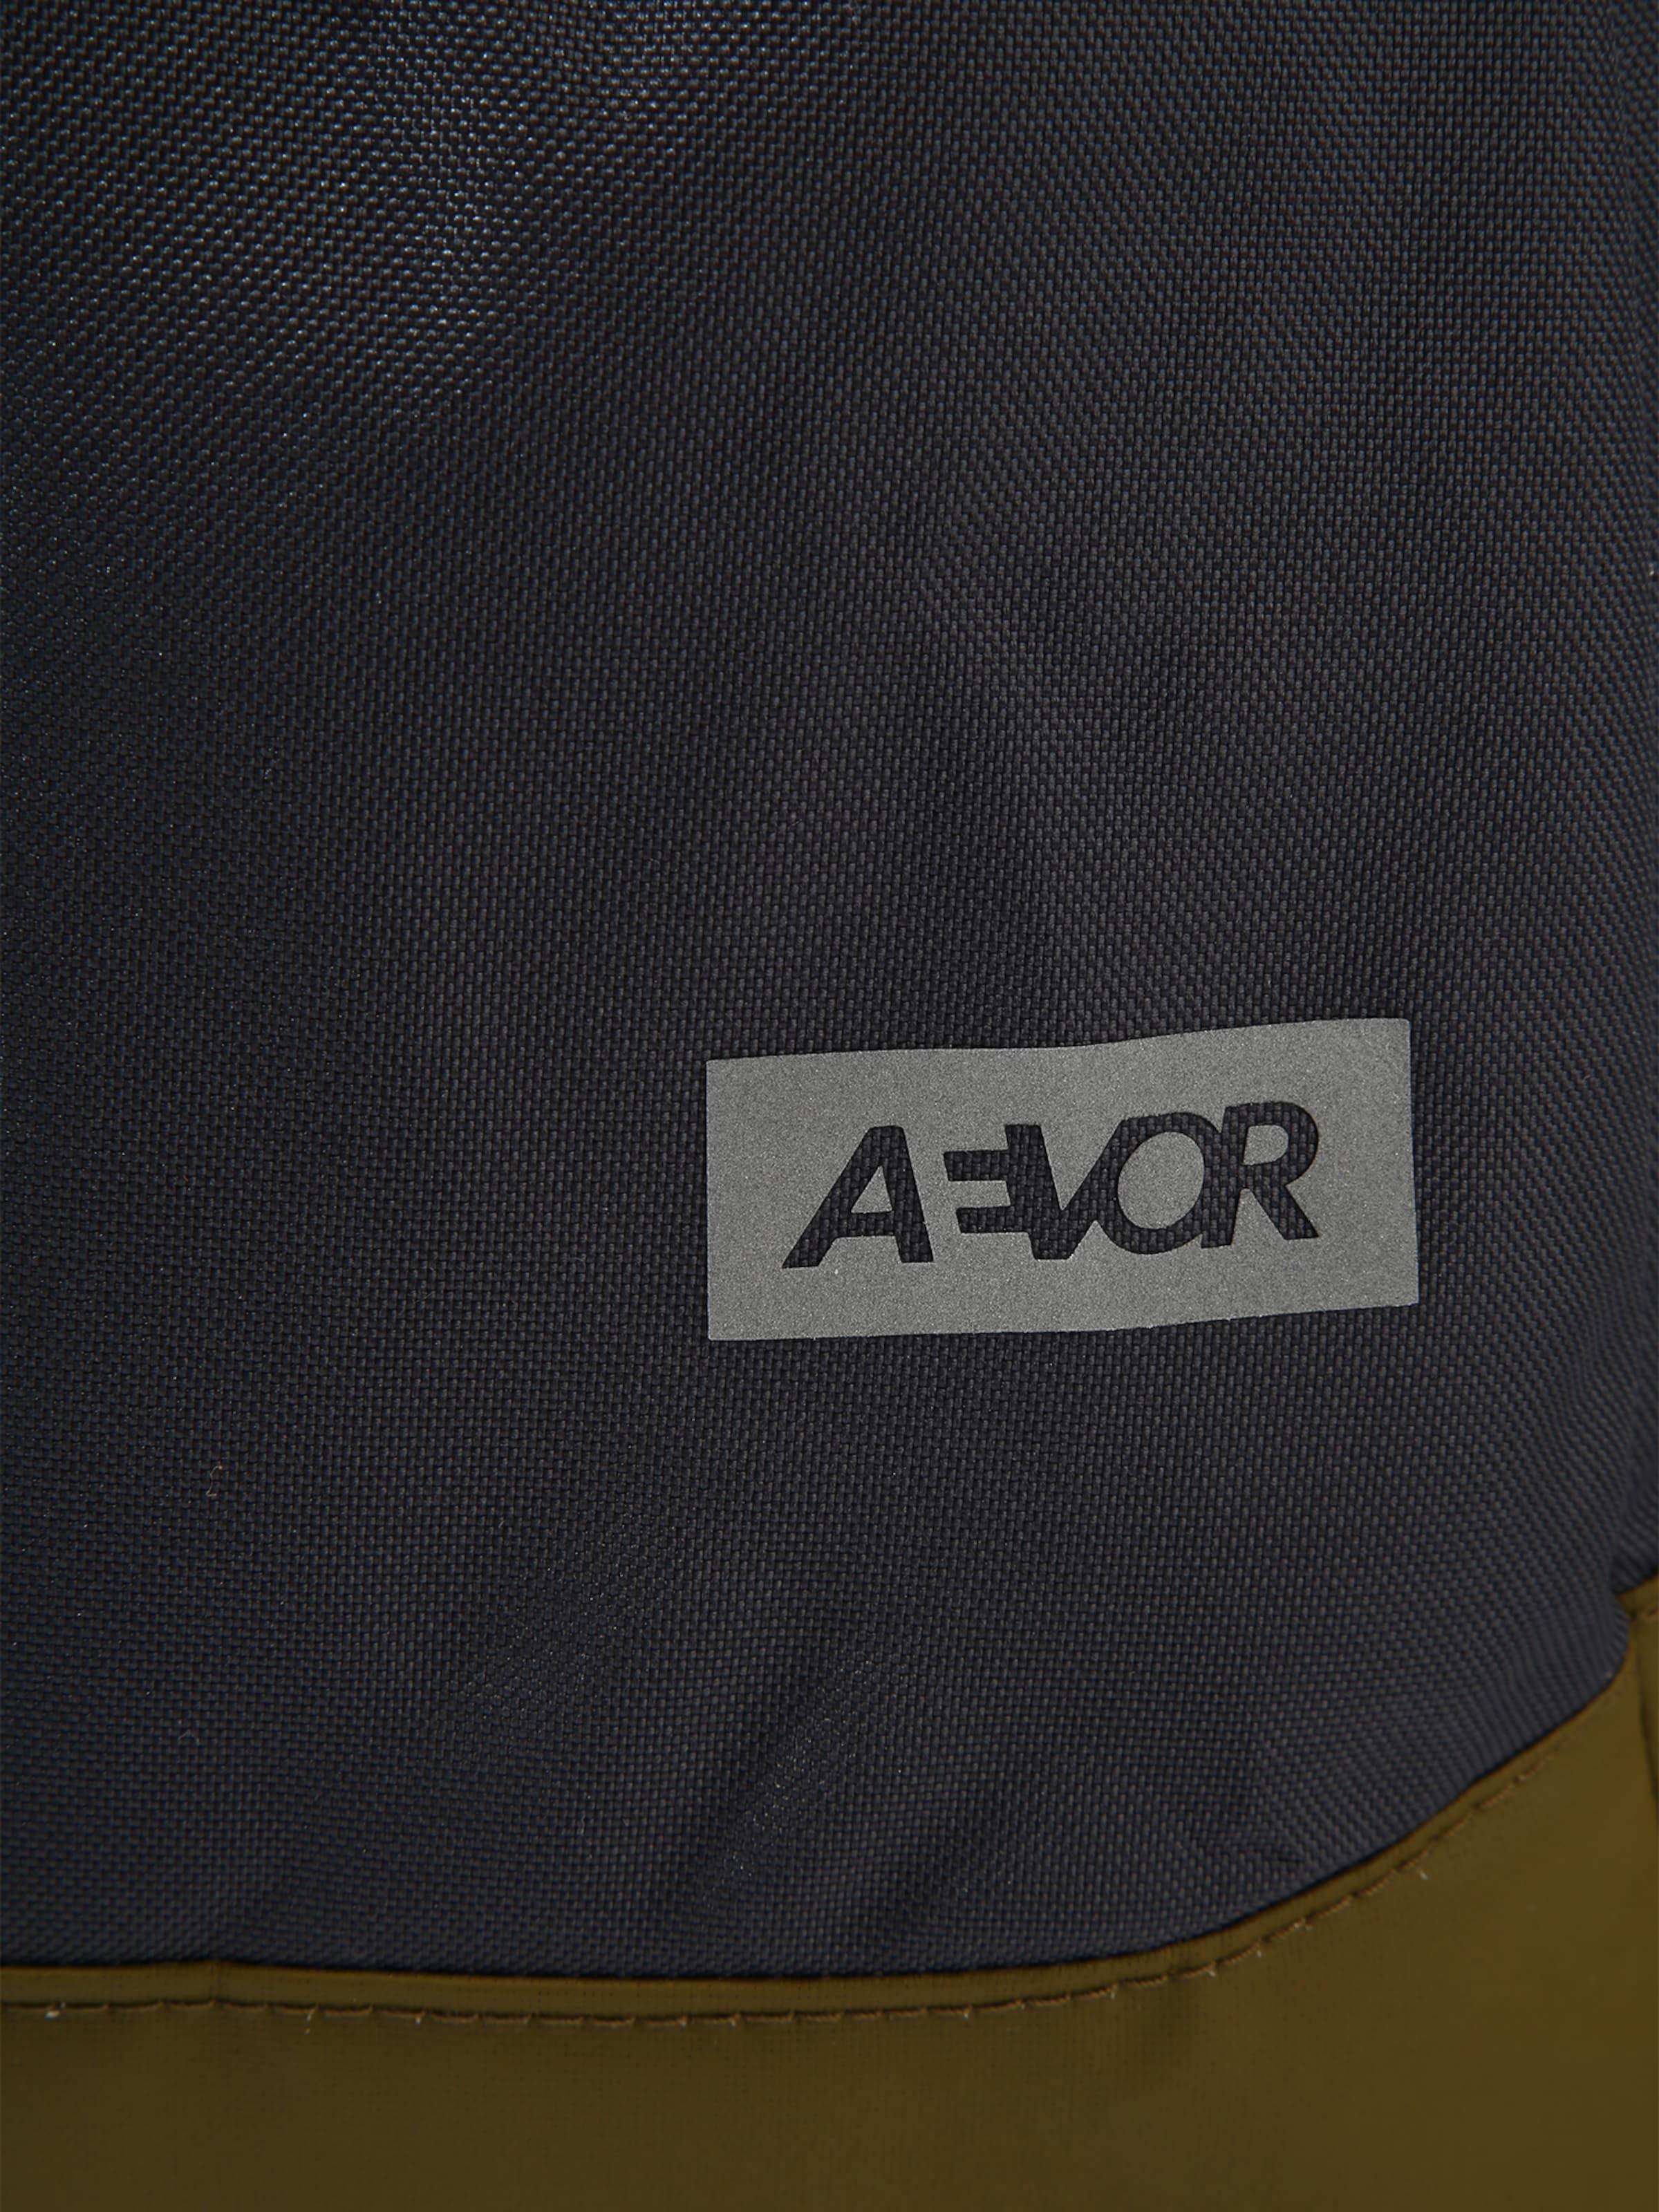 Neue Stile Verkauf Online Spielraum Amazon AEVOR Rucksack 'AEVOR' Billig Verkauf Footaction Qd53xhMx